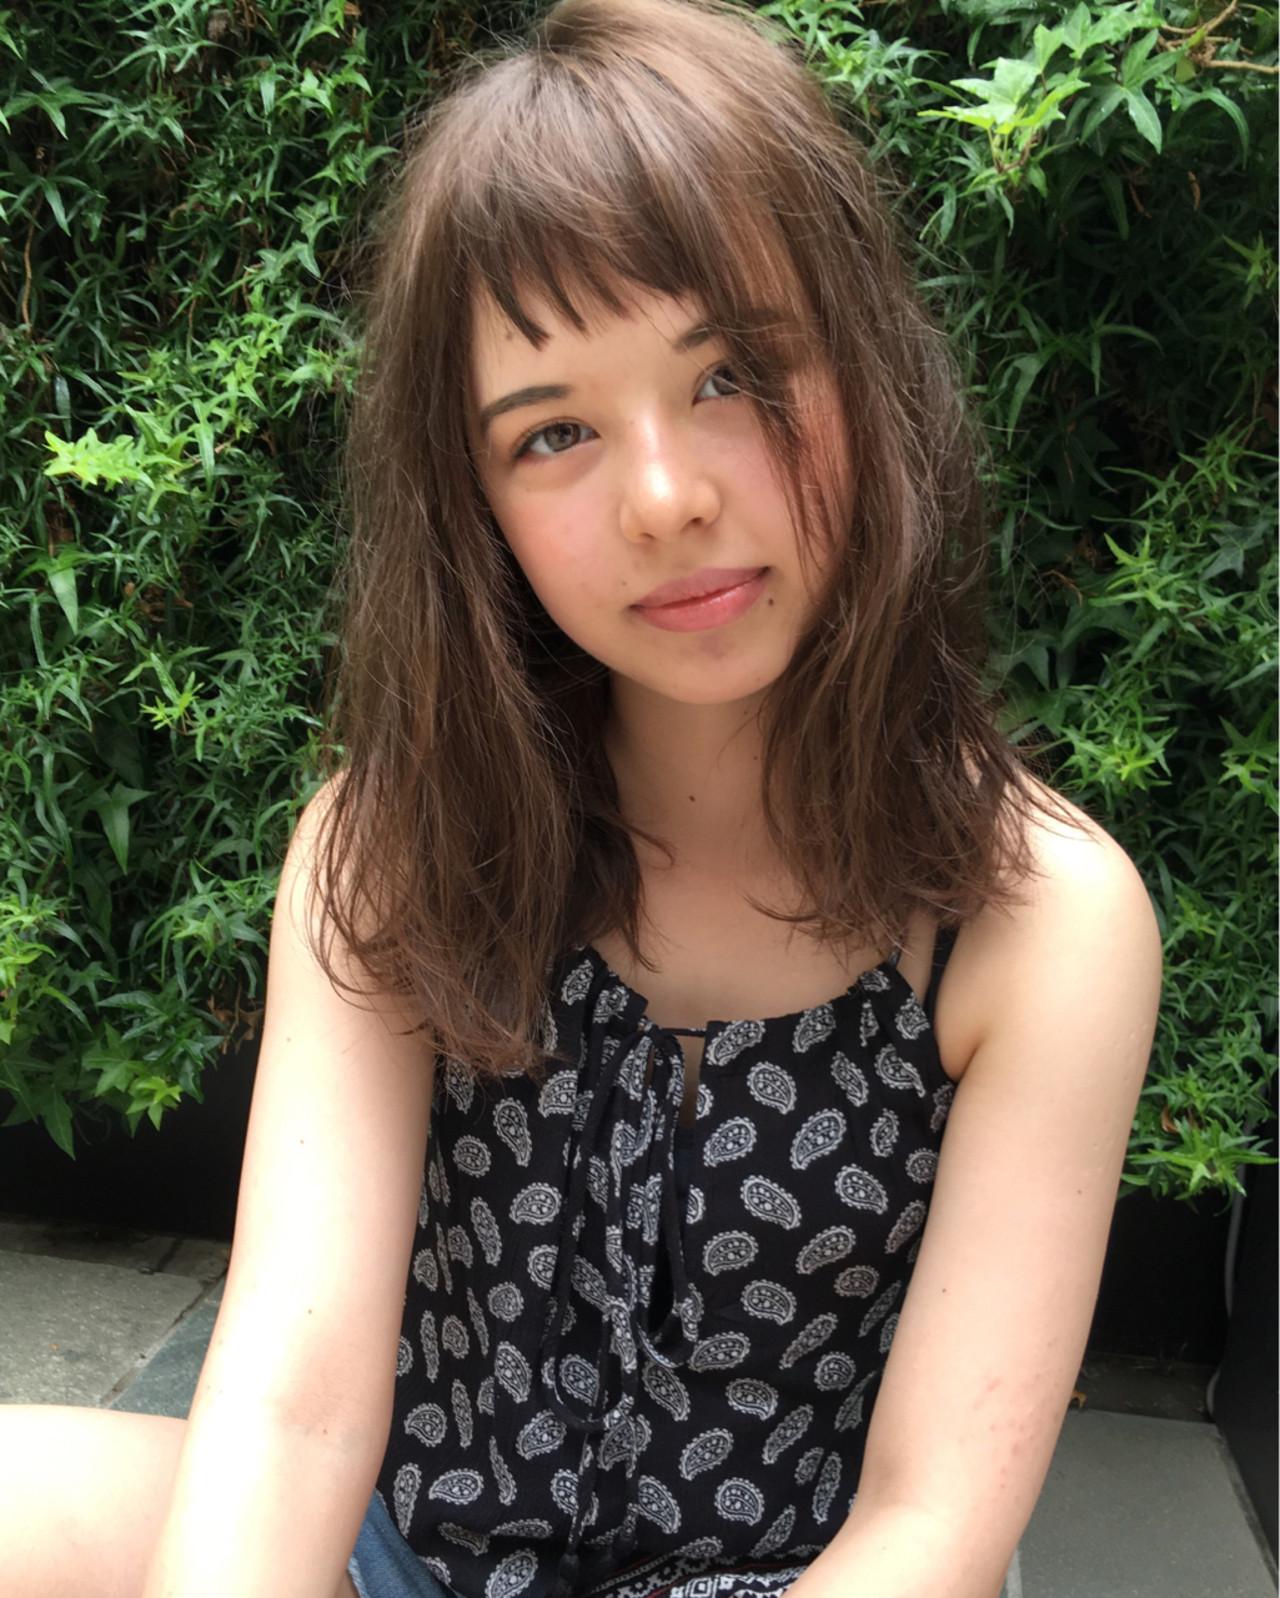 アッシュ ピュア 前髪あり ワイドバング ヘアスタイルや髪型の写真・画像 | 梅澤勇人 / DAMIA by LuLu